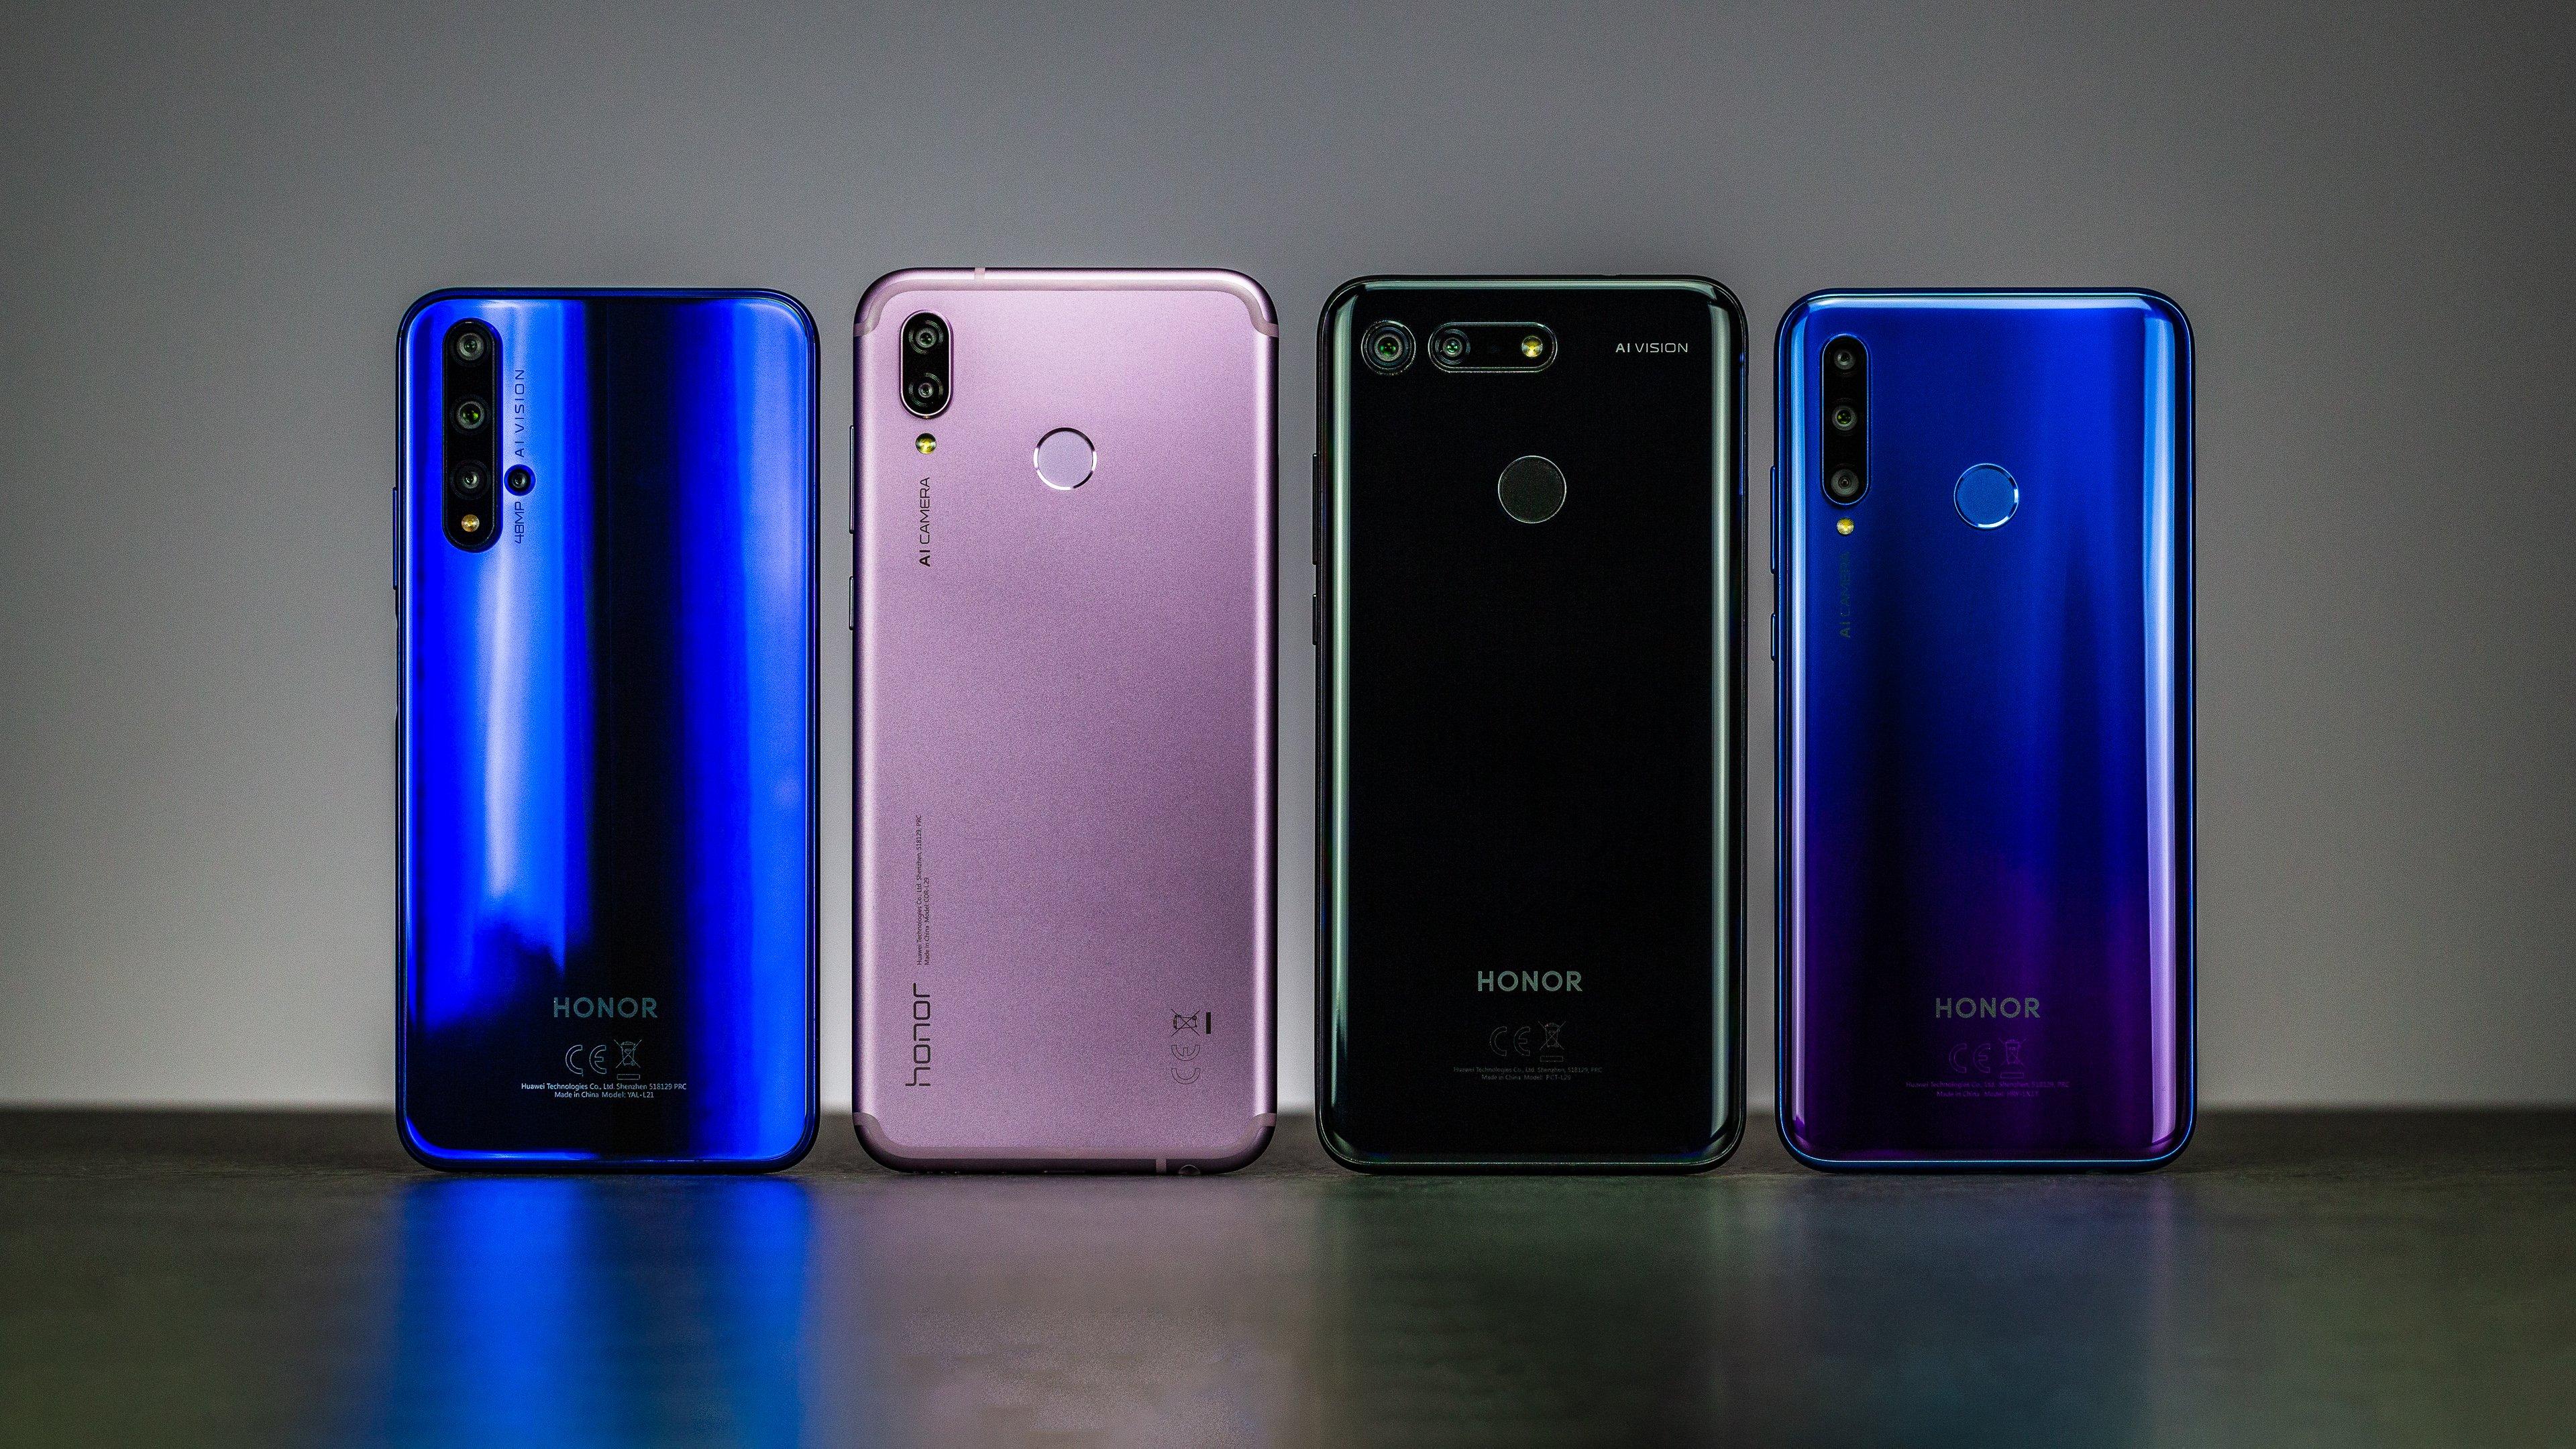 Kaufratgeber: Welches Honor-Smartphone das Richtige für Dich ist